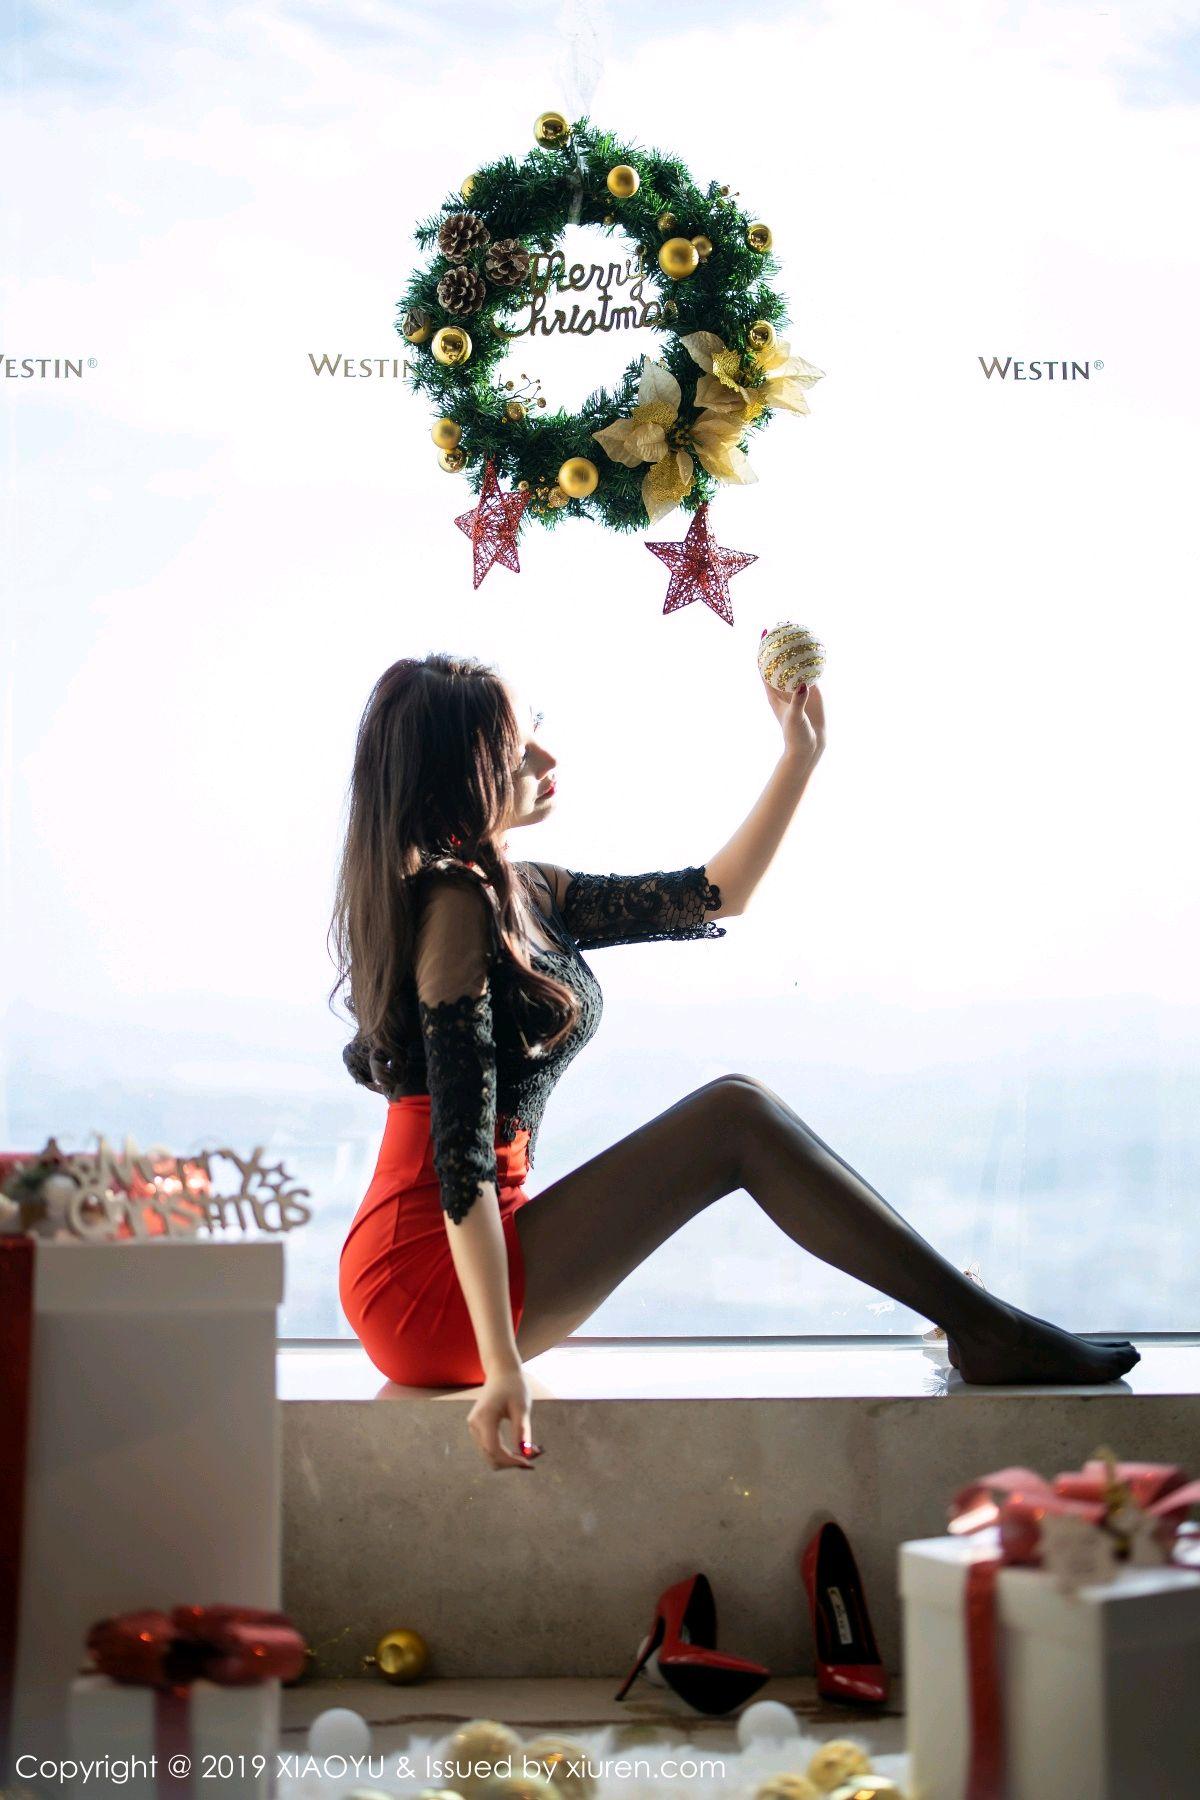 [XiaoYu] Vol.225 Yang Chen Chen 10P, Christmas, Underwear, XiaoYu, Yang Chen Chen